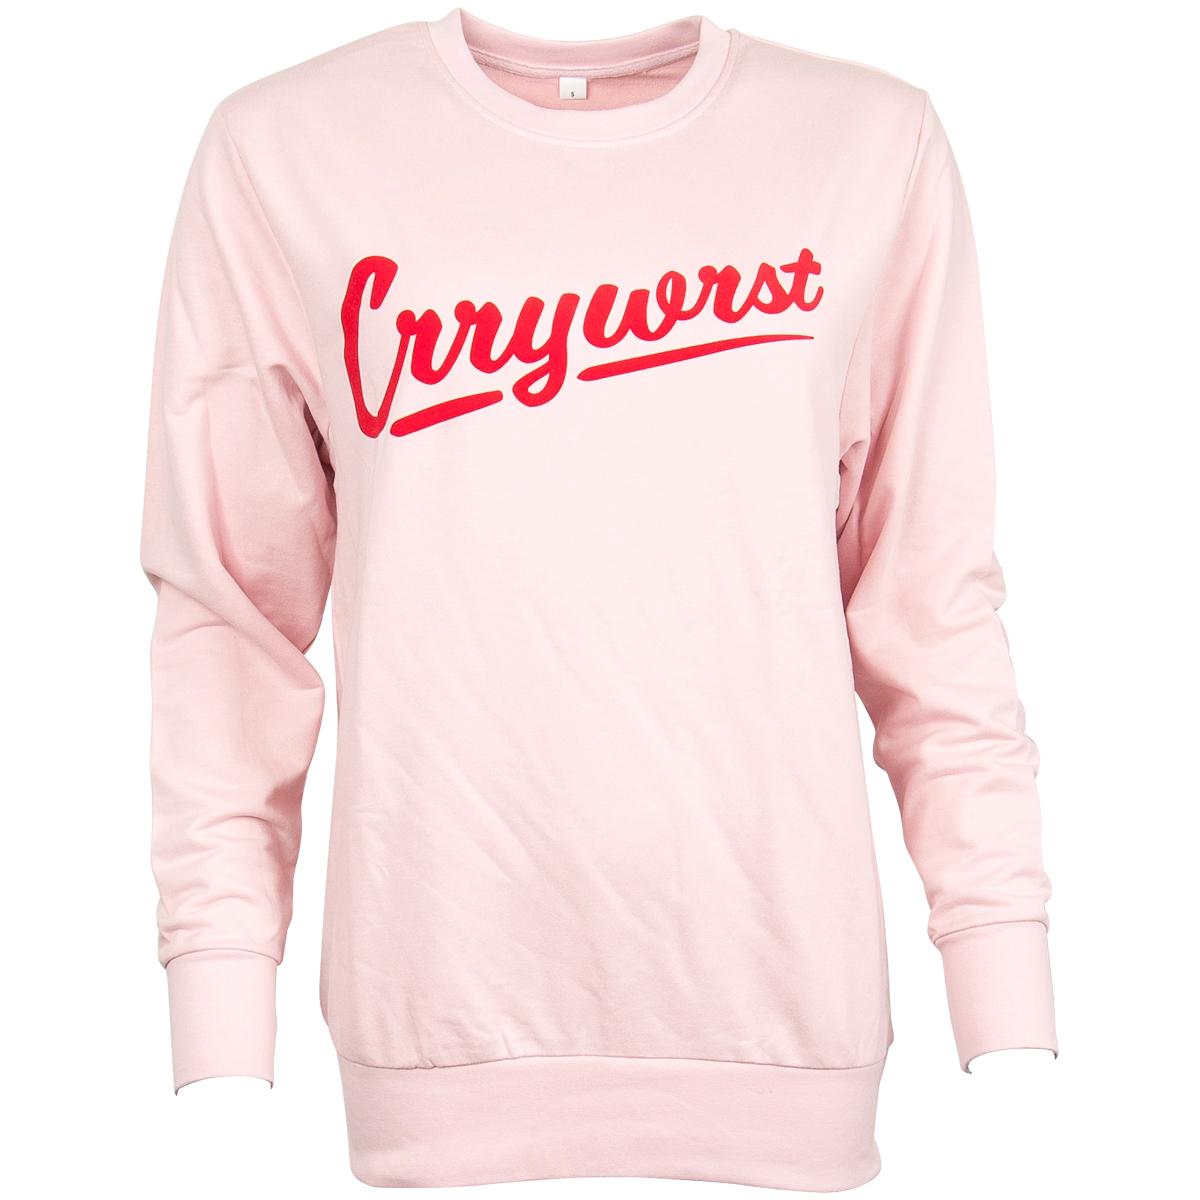 CRRYWRST - Sweatshirt Crrywrst Limtied Edition - rosa-rot